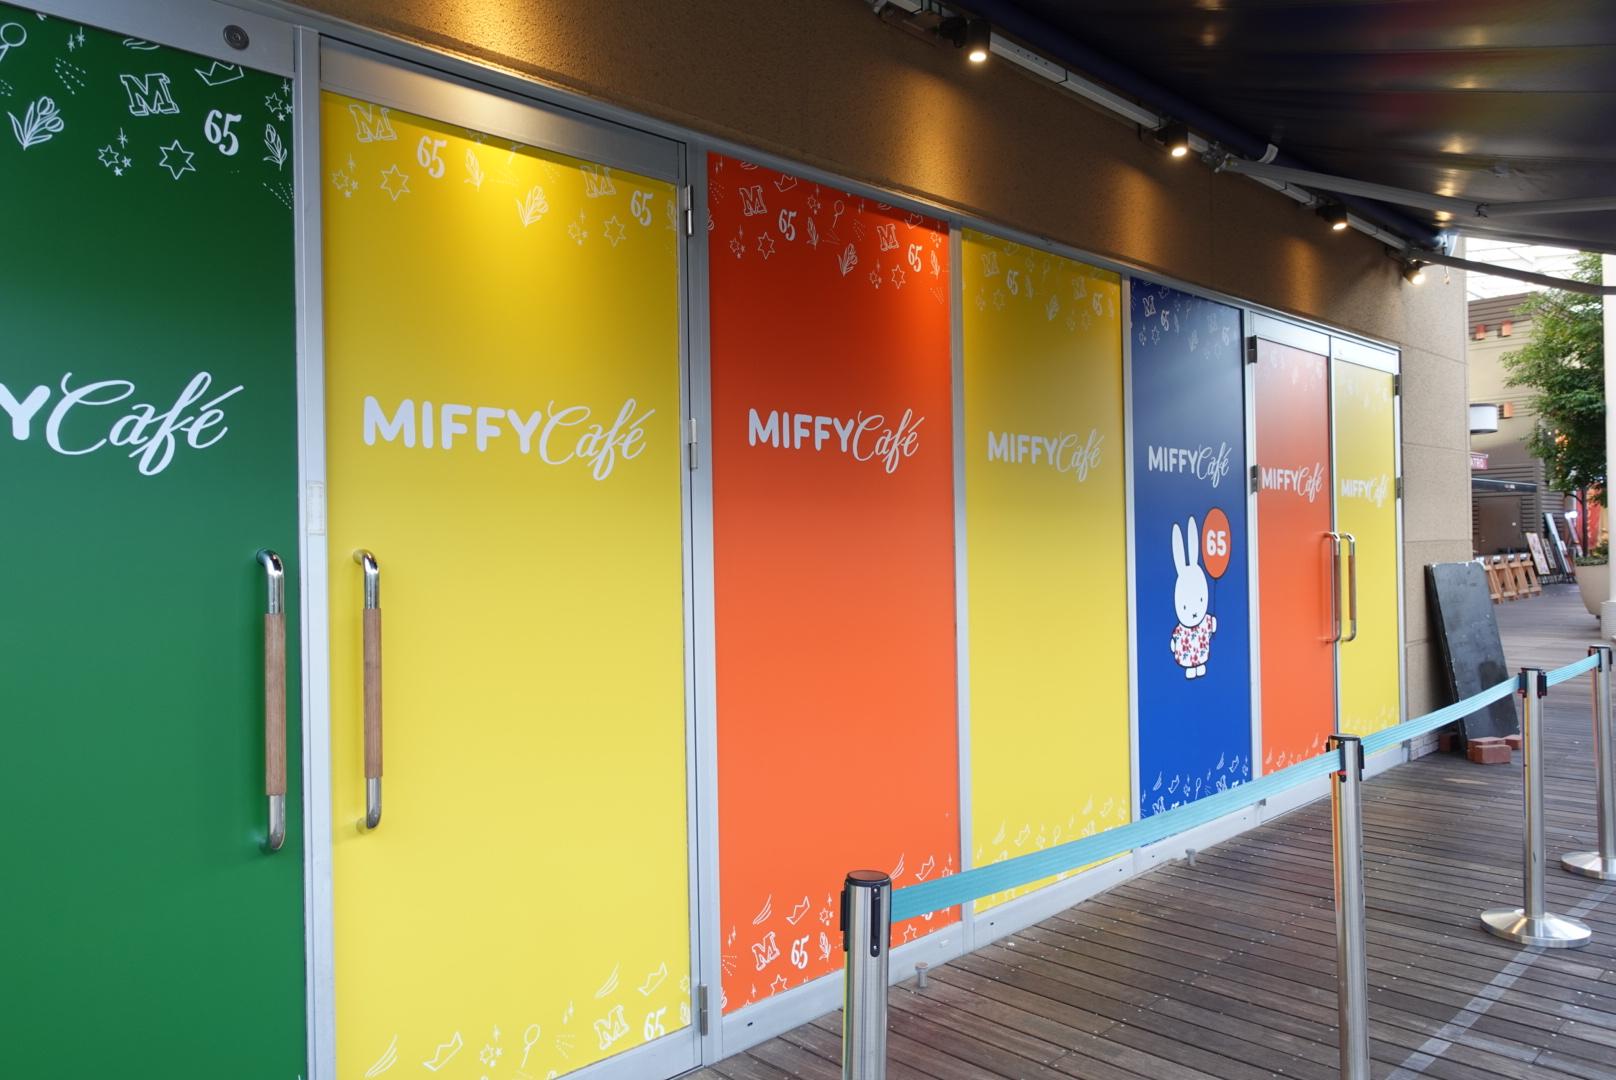 大阪上陸!『MIFFY cafe』ミッフィー65周年を記念してオープン!オランダ料理やグッズが盛りだくさん!かわいすぎるし期間限定なので早く予約してみてね_1